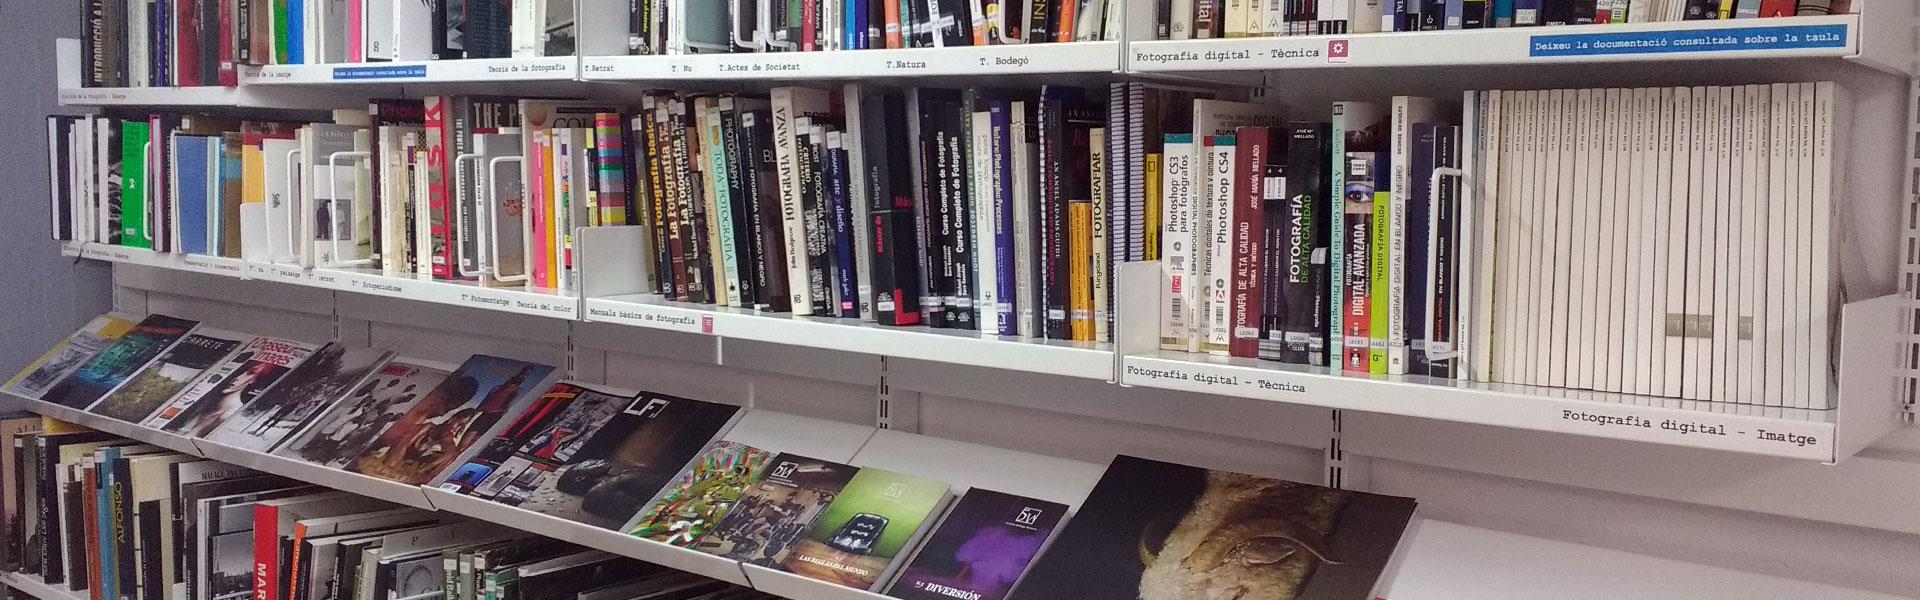 Fondo de la Biblioteca de Fotografía